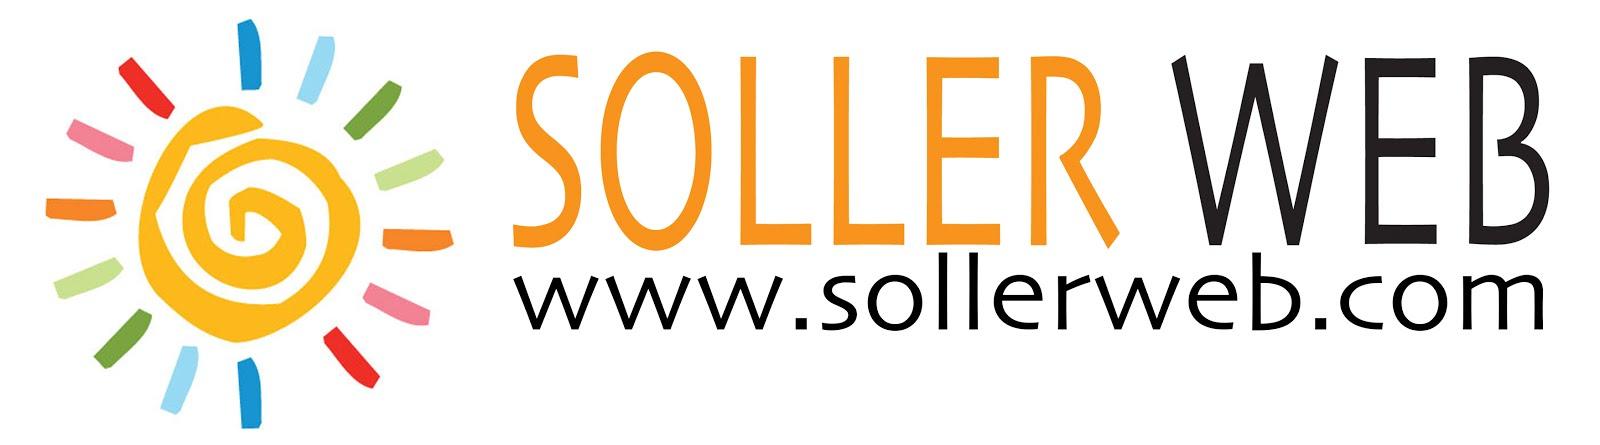 SollerWeb